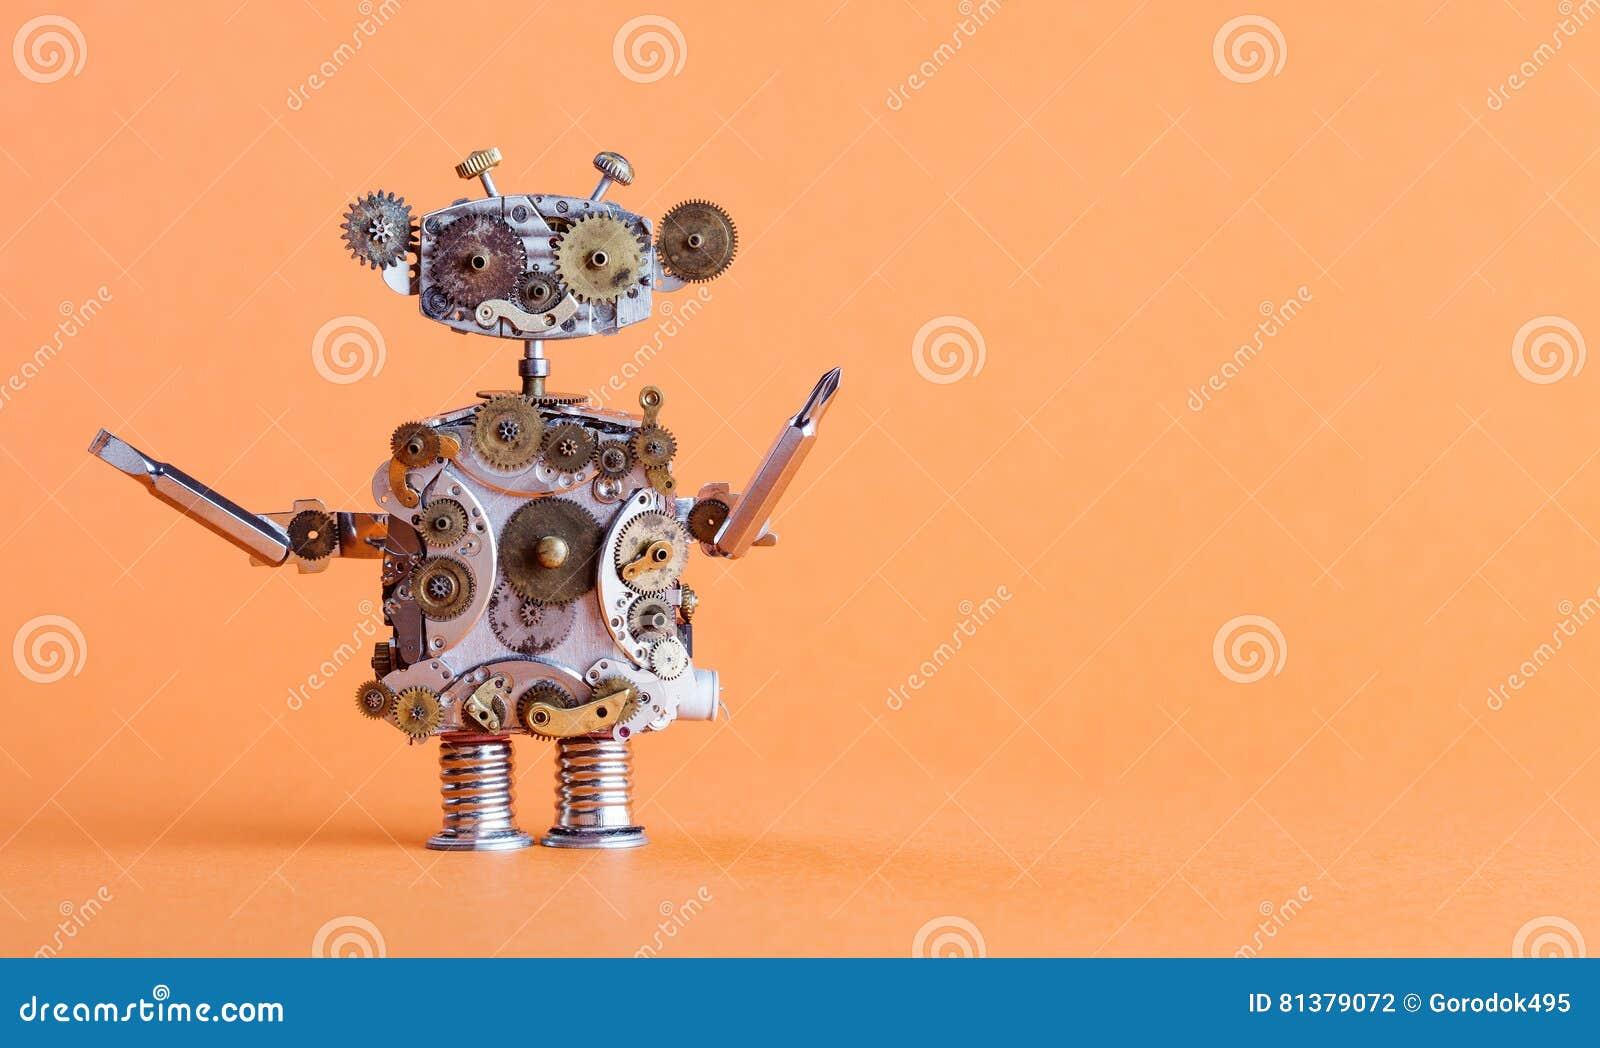 Manitas del robot del estilo de Steampunk con destornillador Carácter mecánico del juguete divertido, concepto del servicio de re